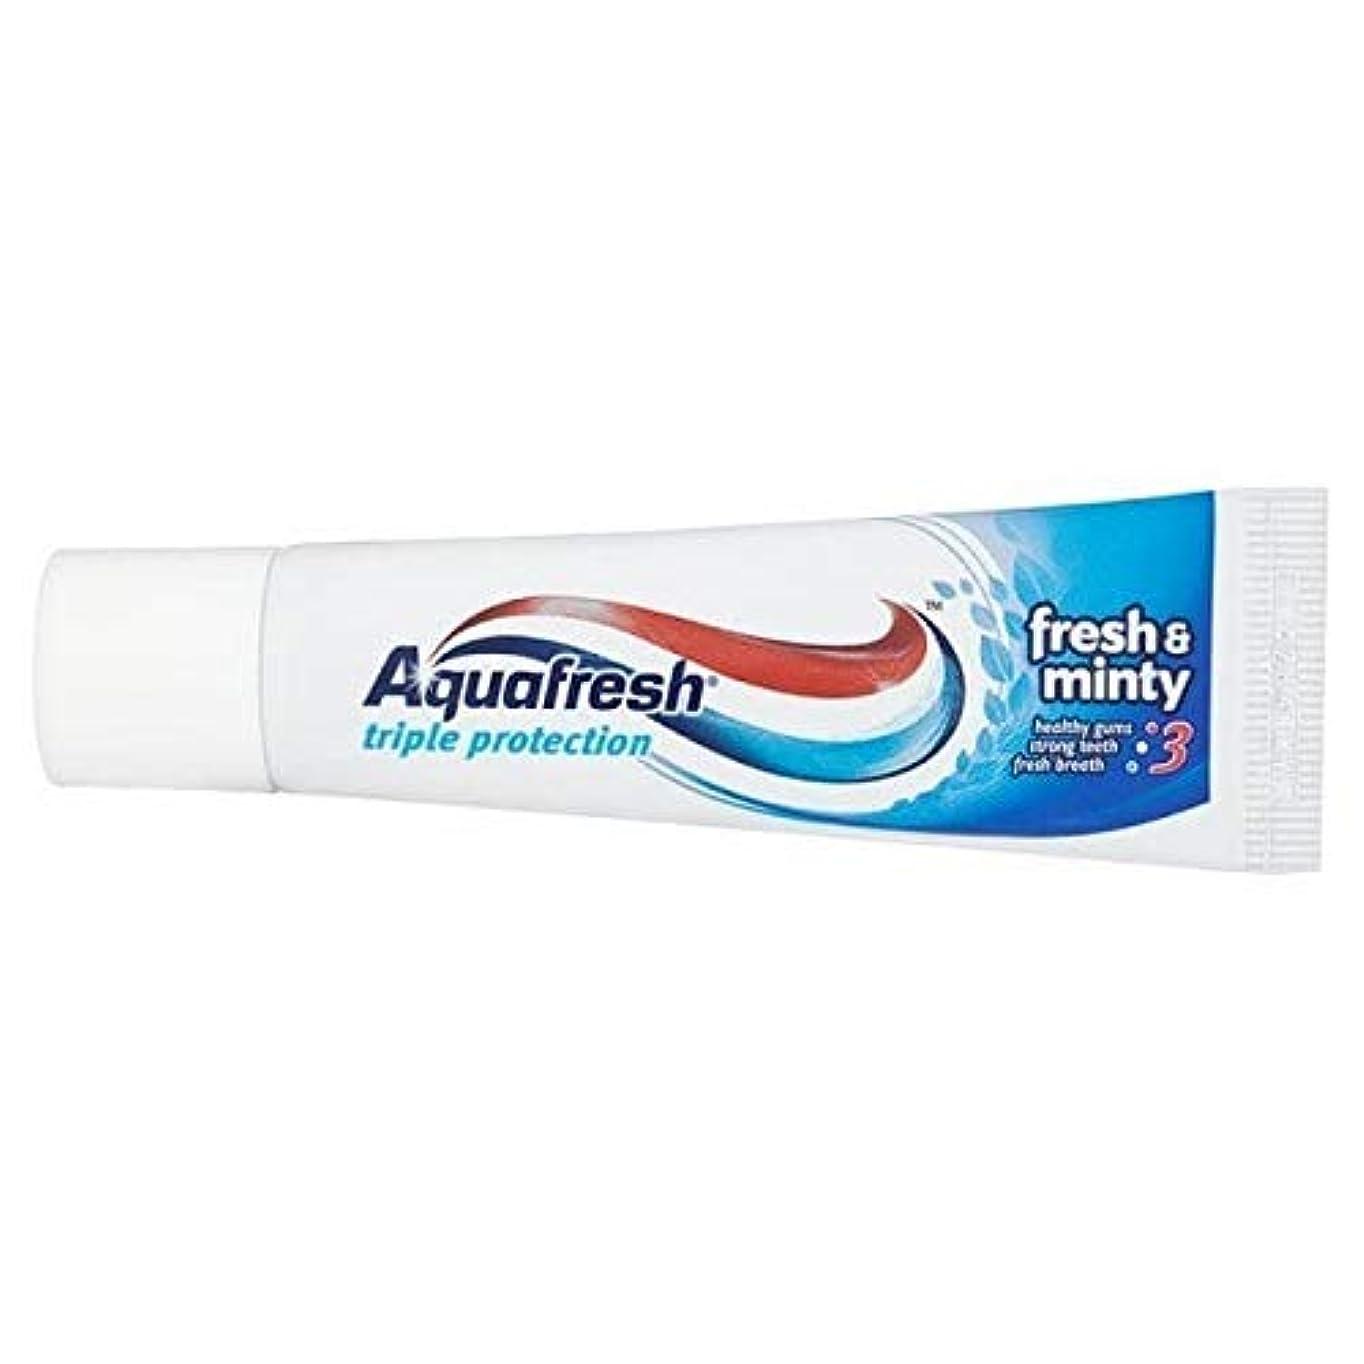 そよ風破裂化学薬品[Aquafresh ] アクアフレッシュフレッシュ&ミントフッ化物歯磨き粉20ミリリットル - Aquafresh Fresh & Minty Fluoride Toothpaste 20ml [並行輸入品]